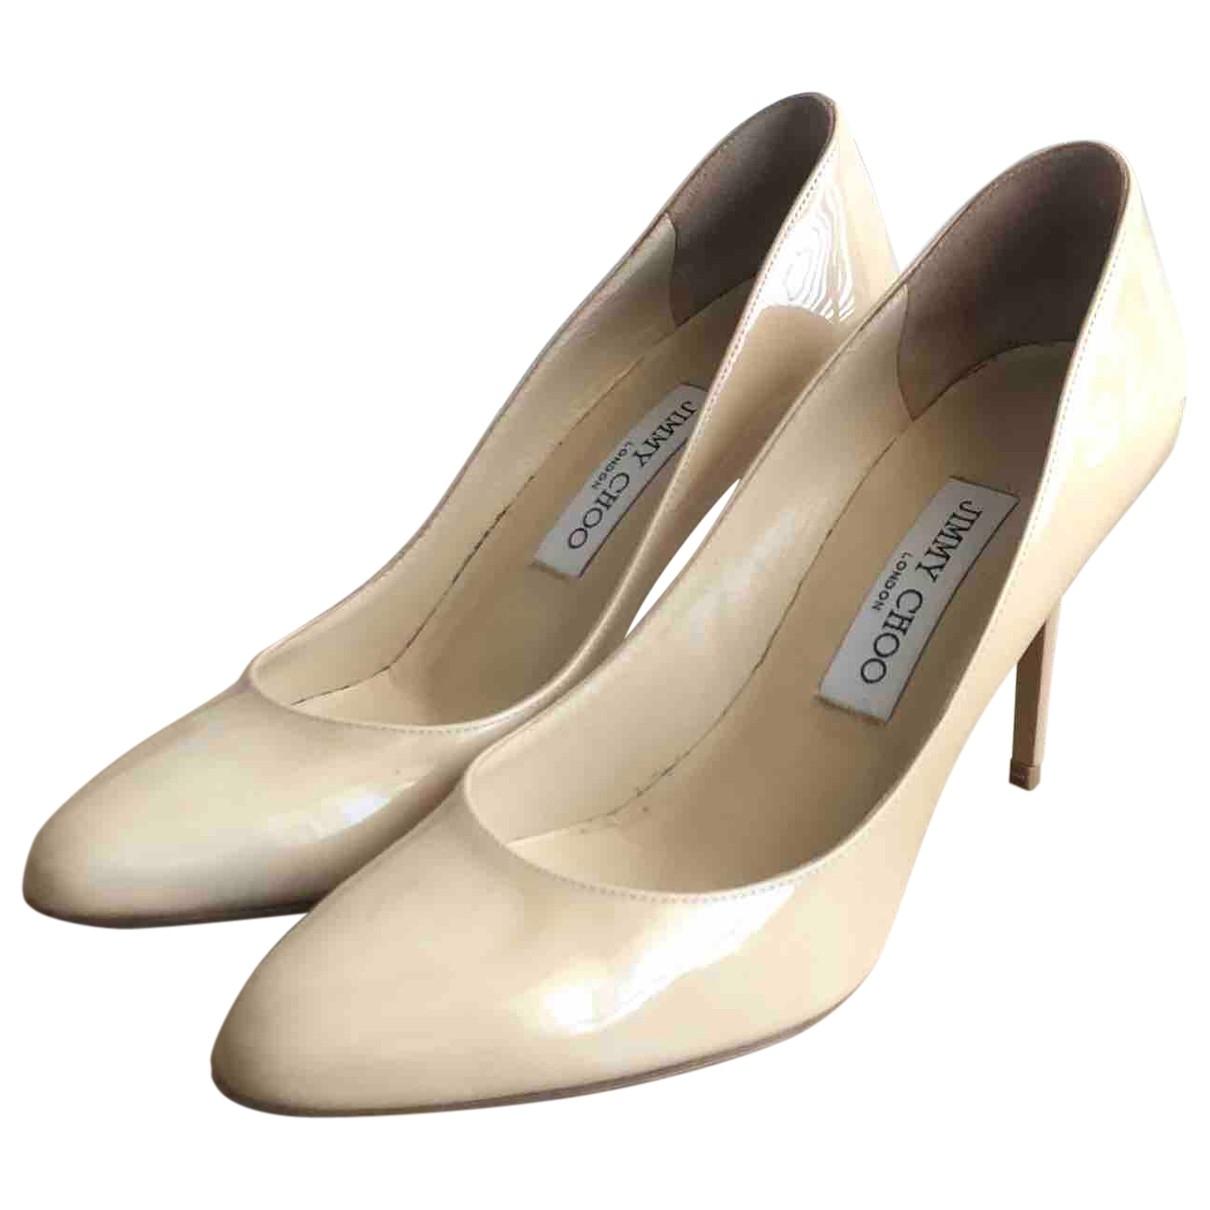 Jimmy Choo \N Beige Patent leather Heels for Women 38.5 EU